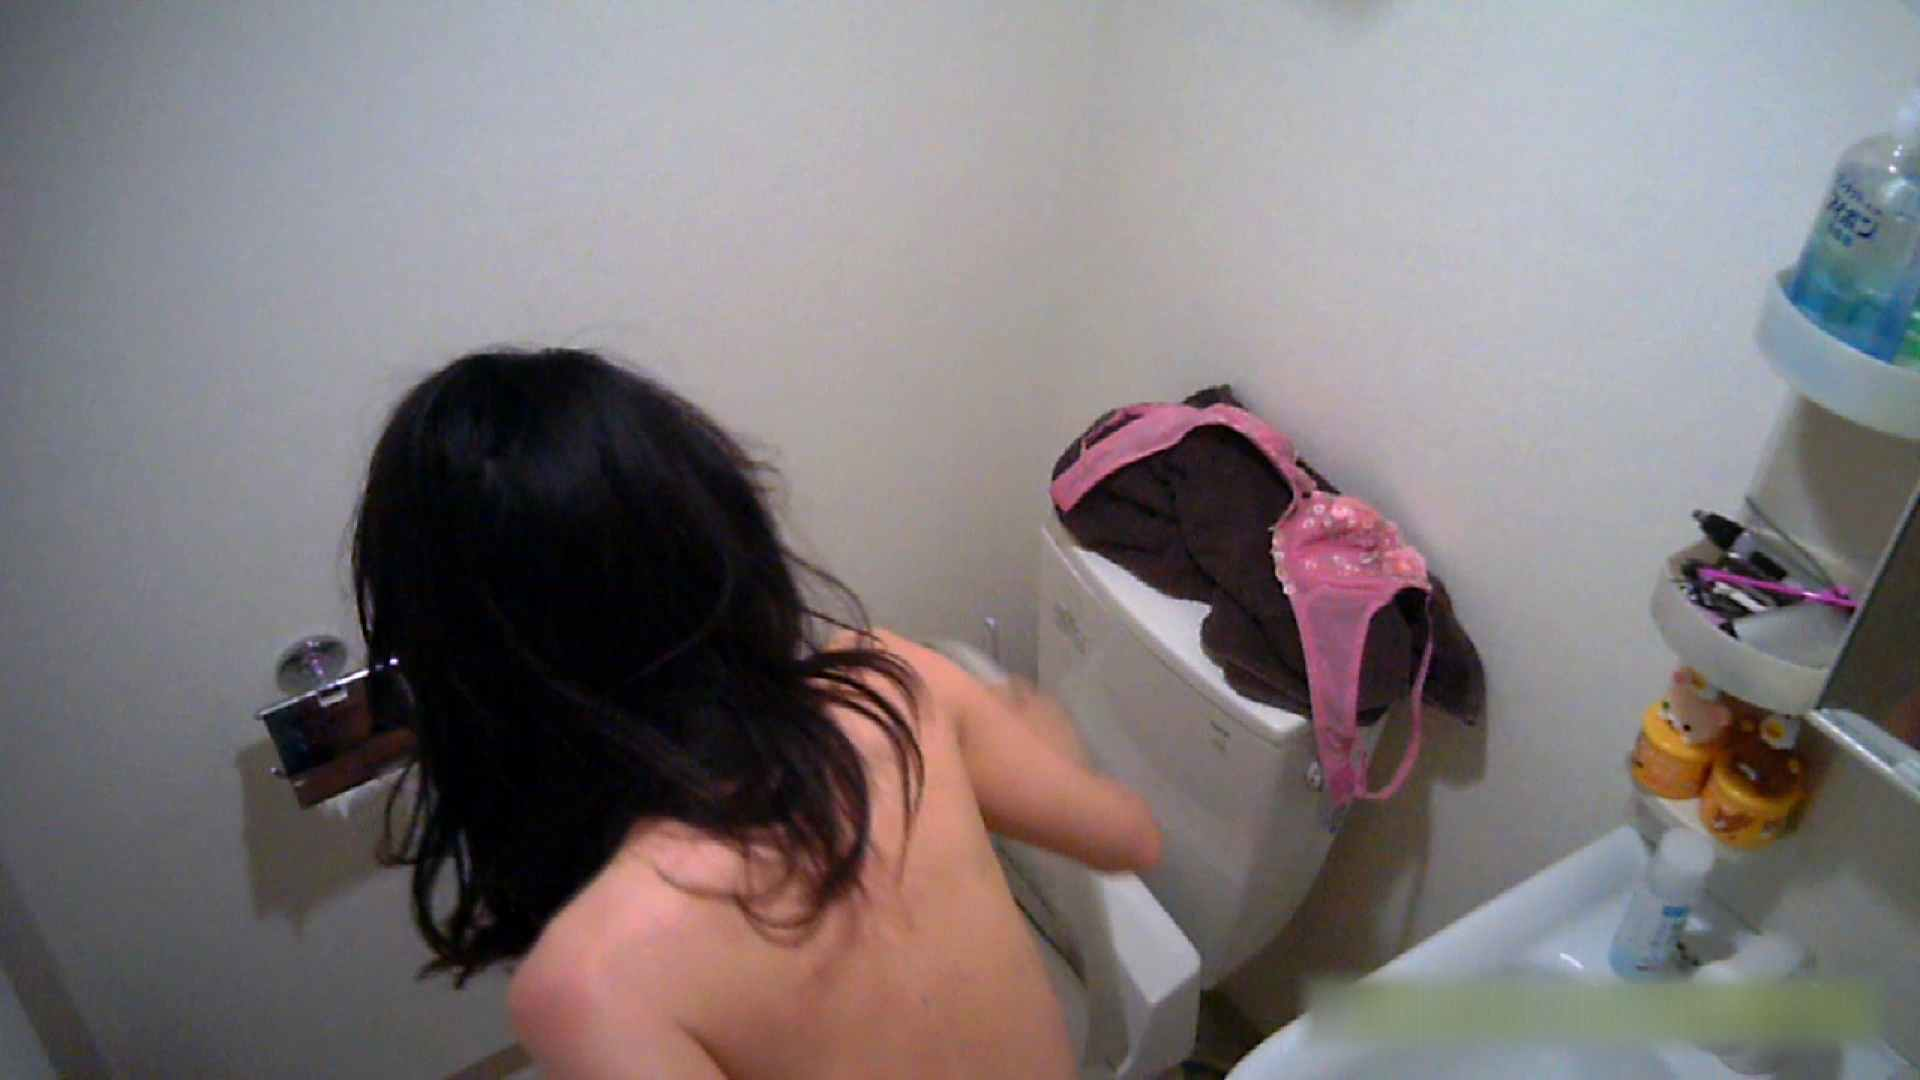 清楚な顔してかなり敏感なE子25歳(仮名)Vol.05 裸でトイレ編 高画質動画 おまんこ無修正動画無料 105画像 102